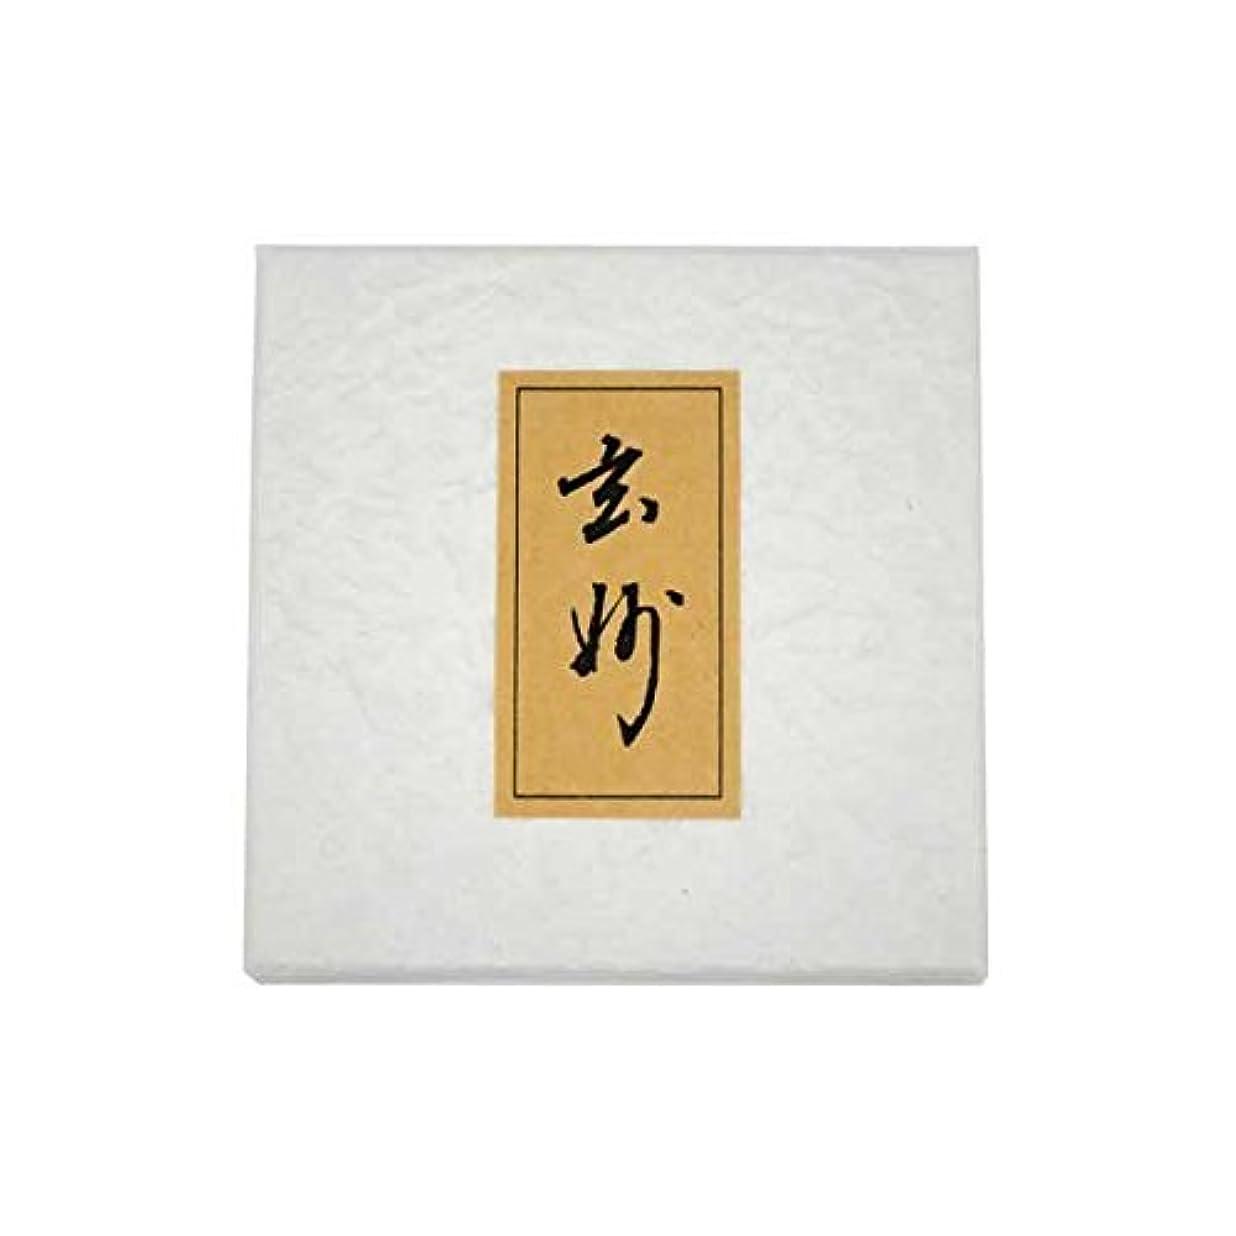 トリップマラソン電報玄妙 紙箱入(ビニール入)